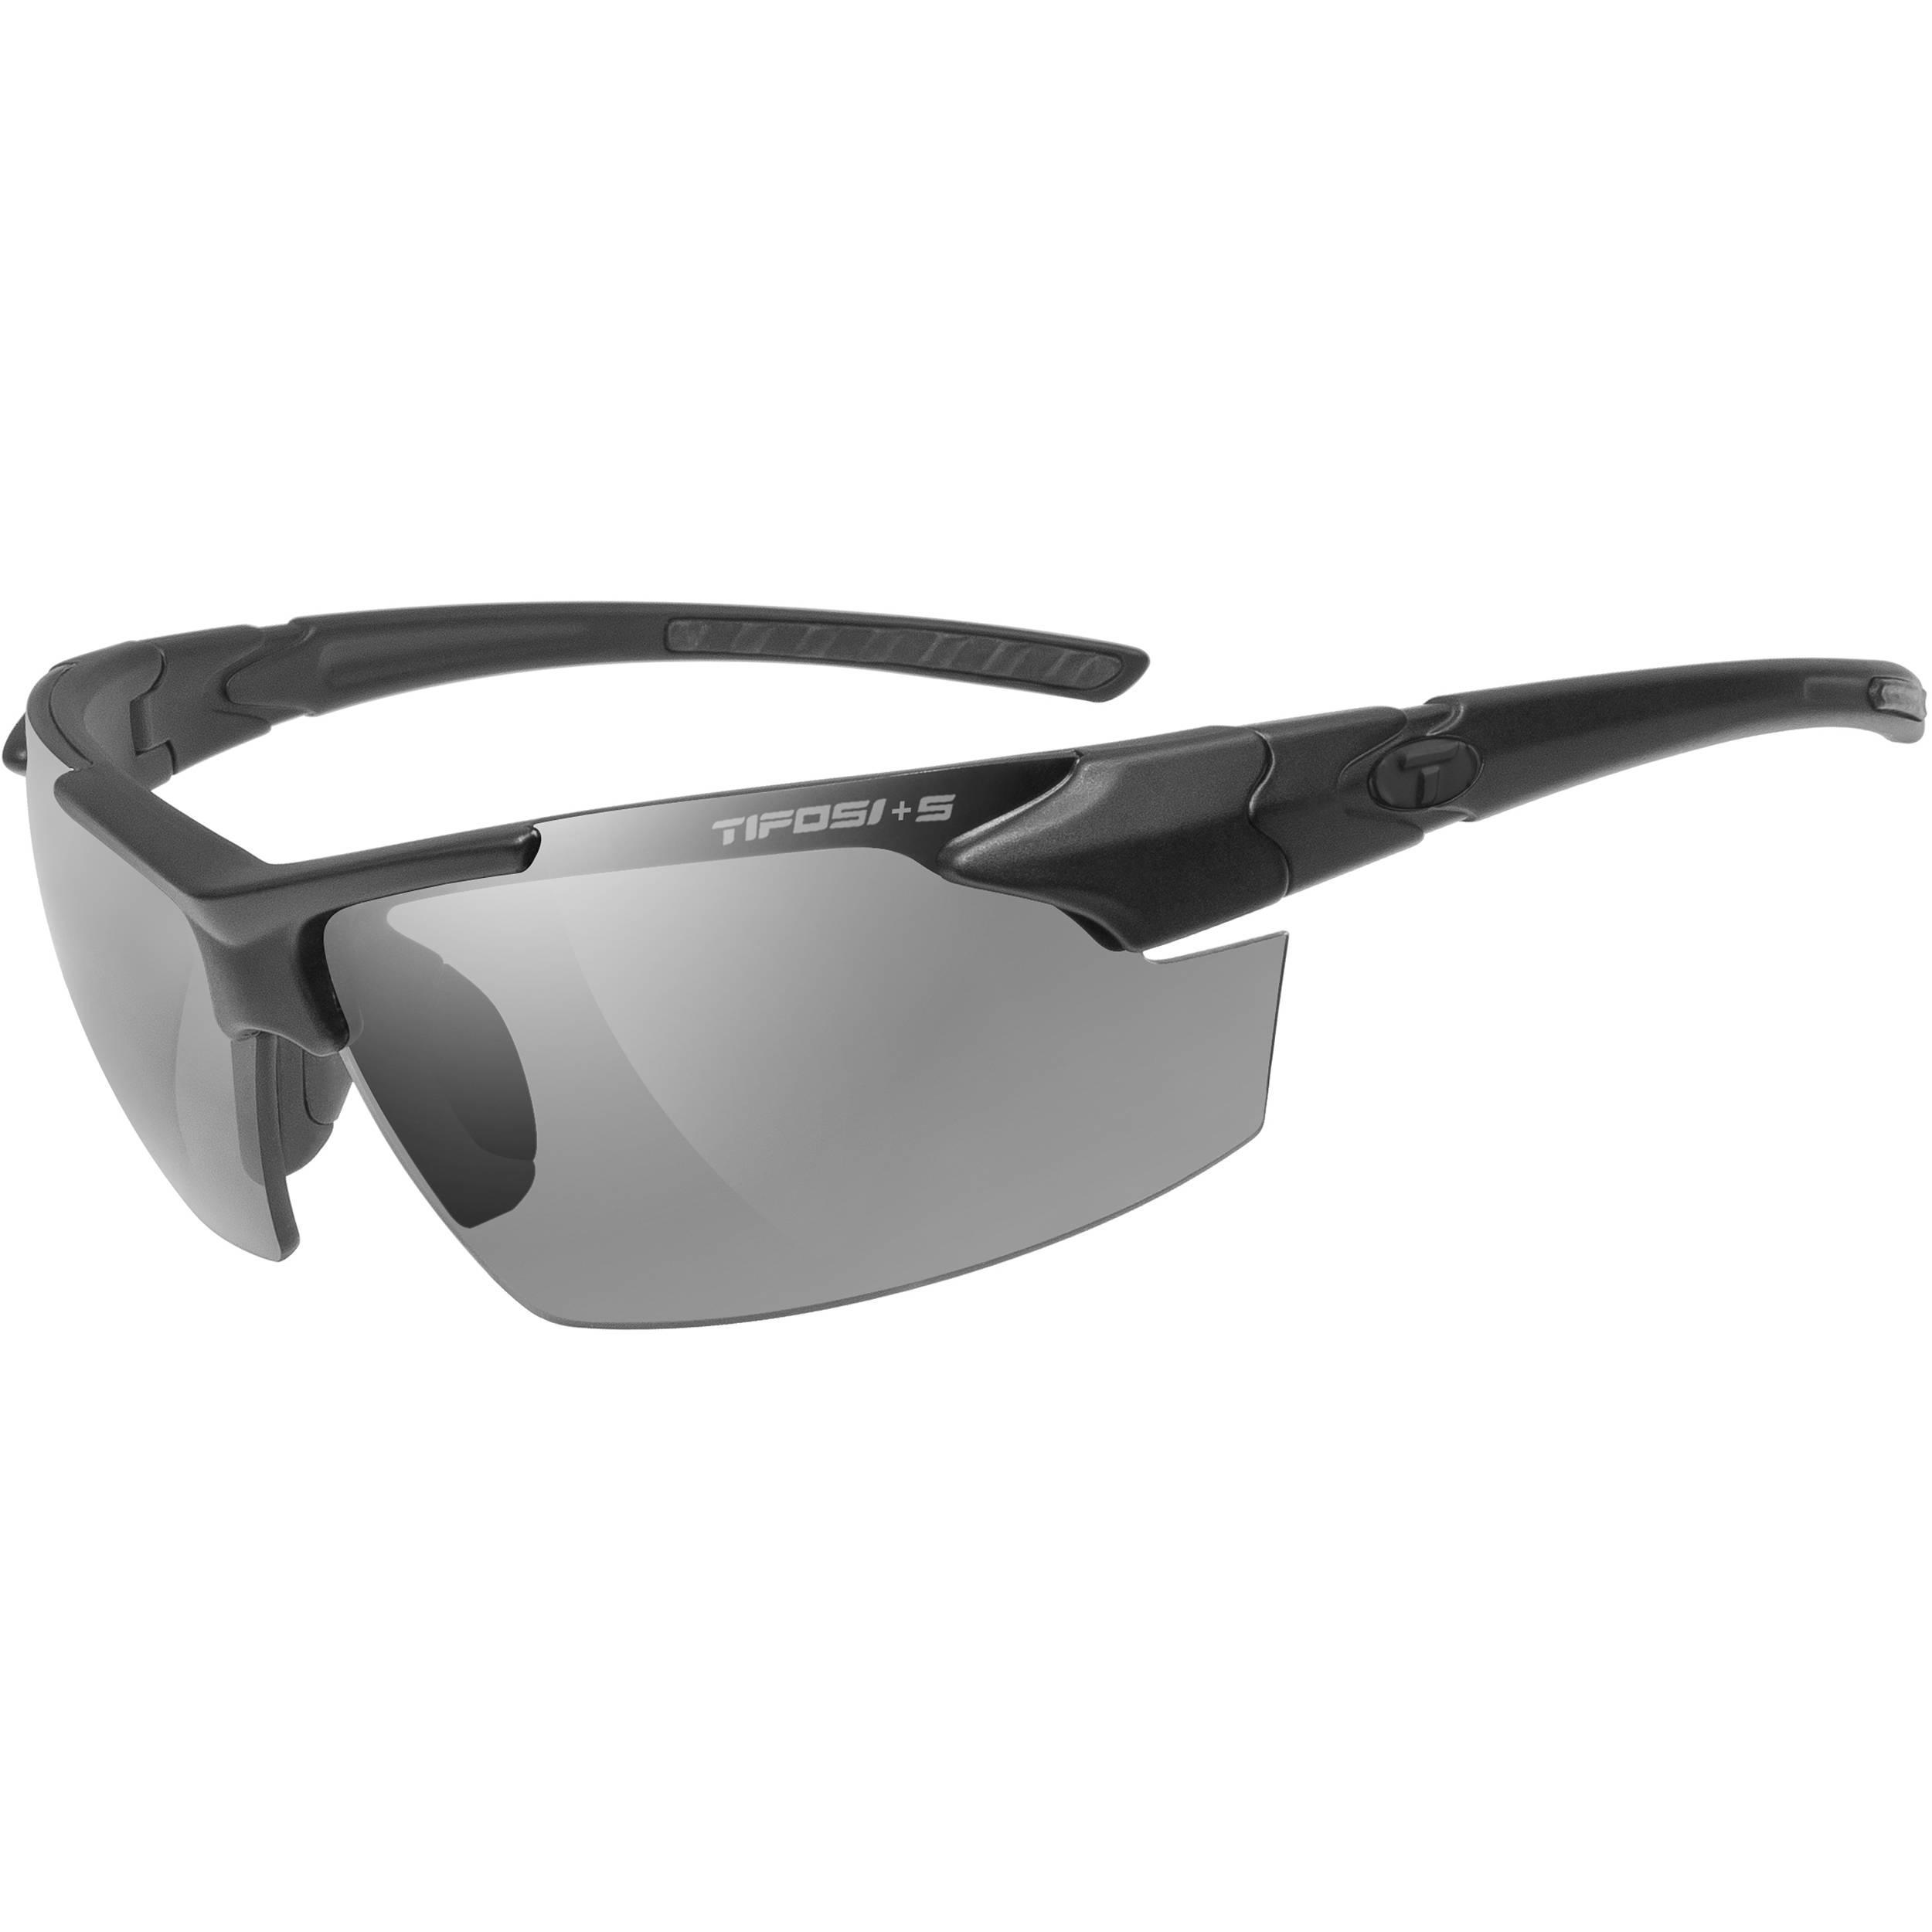 Tifosi Optics Tifosi Z87.1 Jet FC Matte Black Tactical Sunglasses - Clear ViupHpk